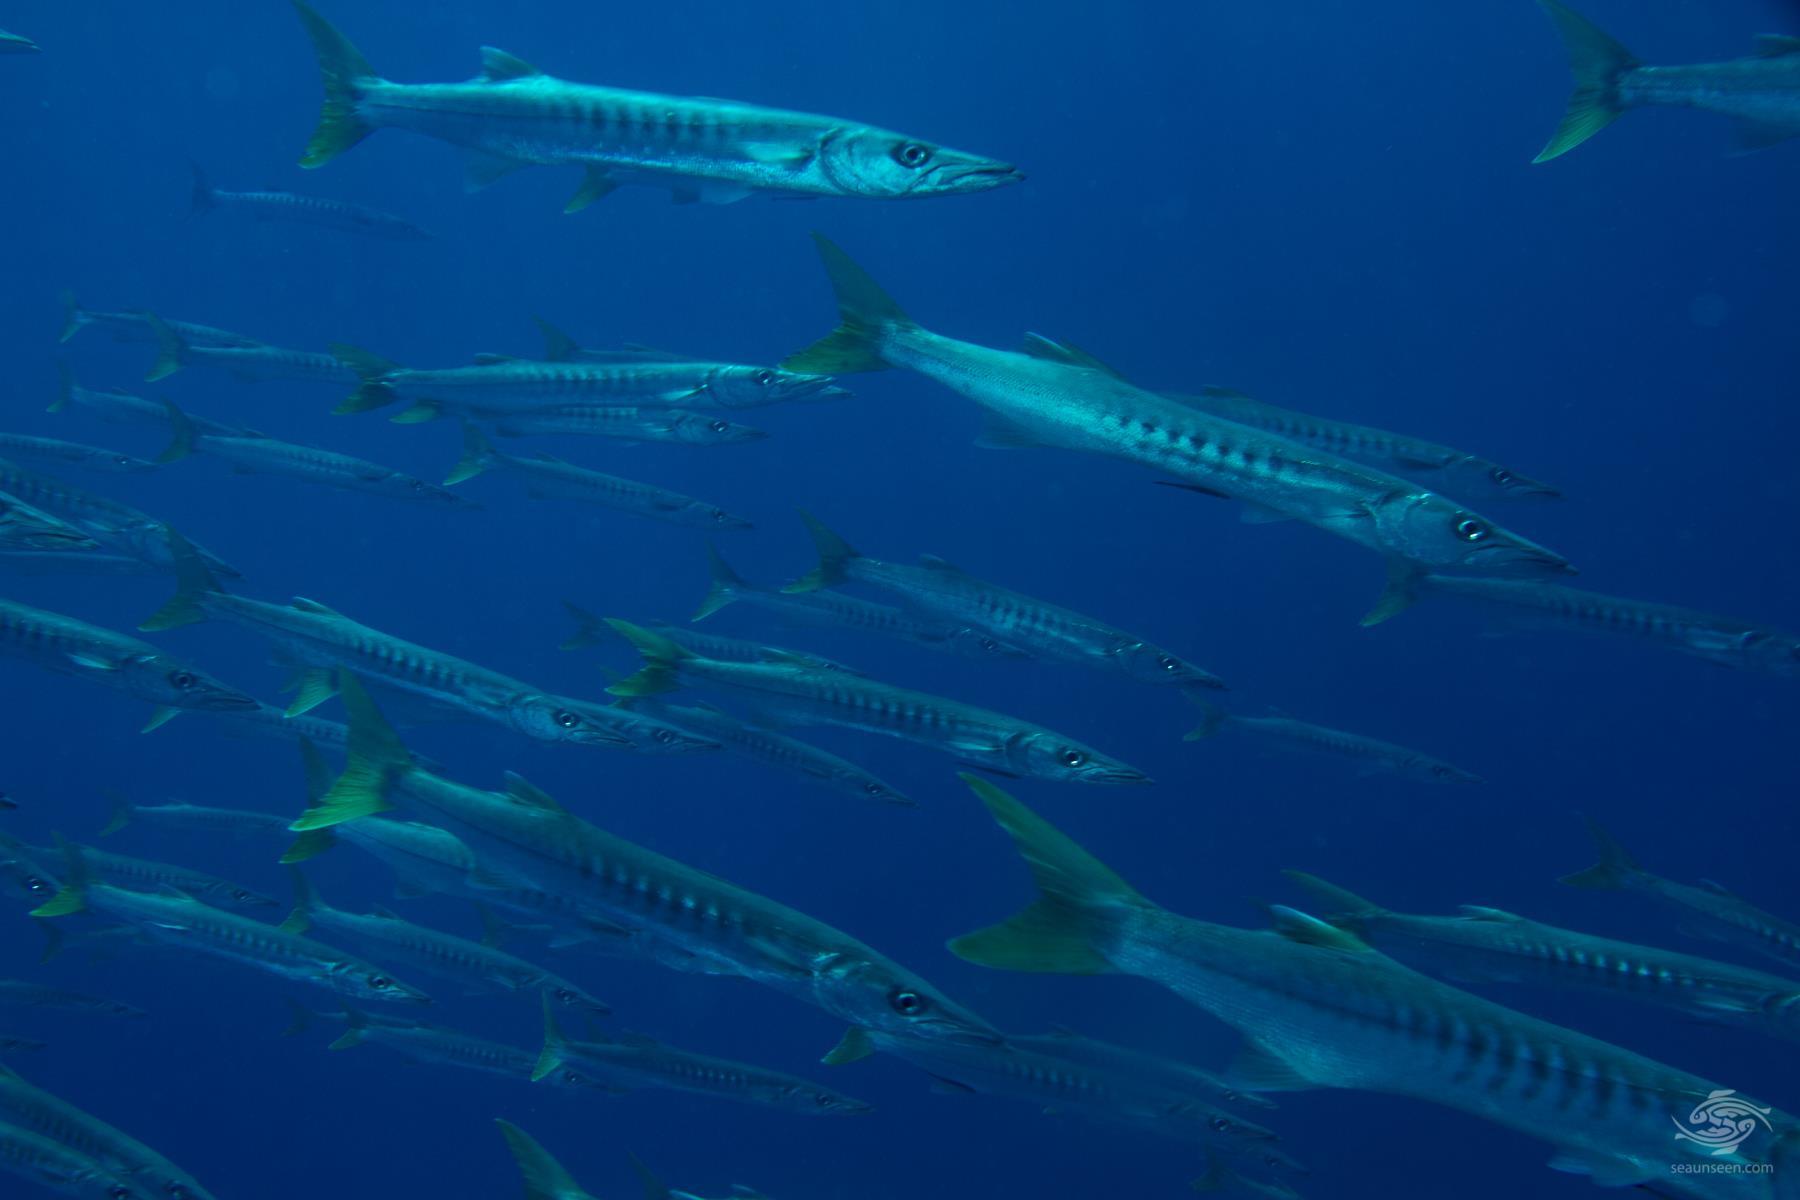 A shoal of sawtooth barracuda Sphyraena putnamae